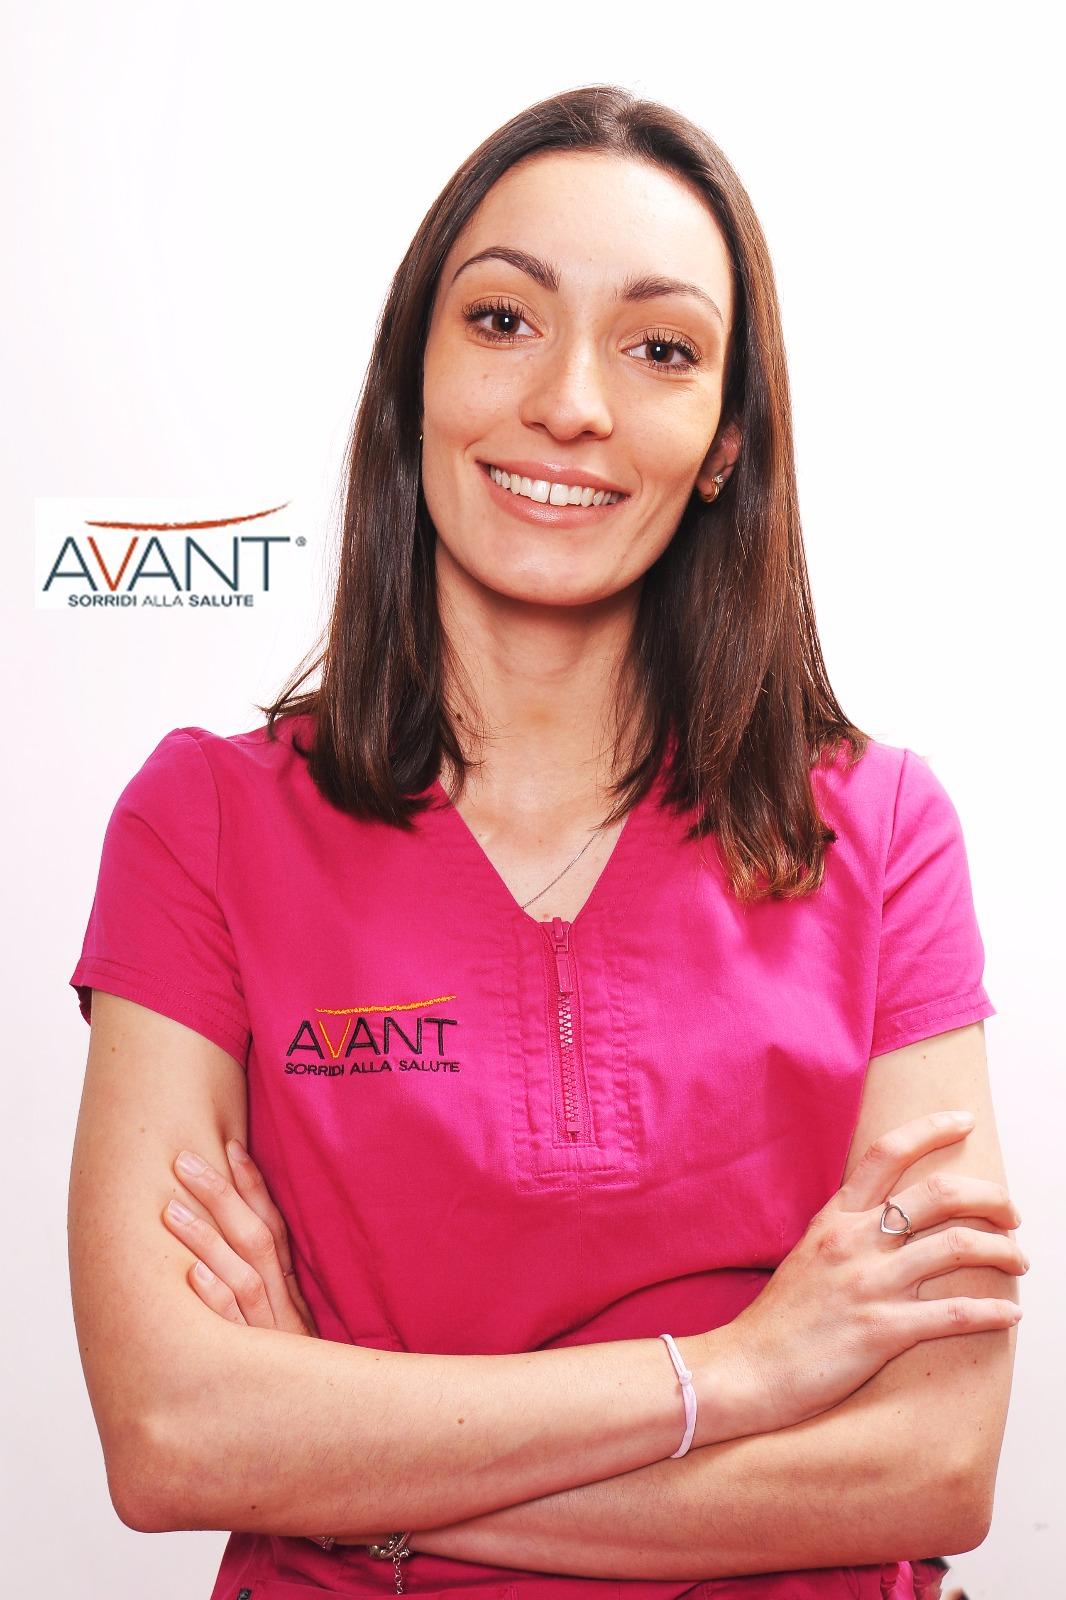 Dott. ssa Giulia Torreggiani